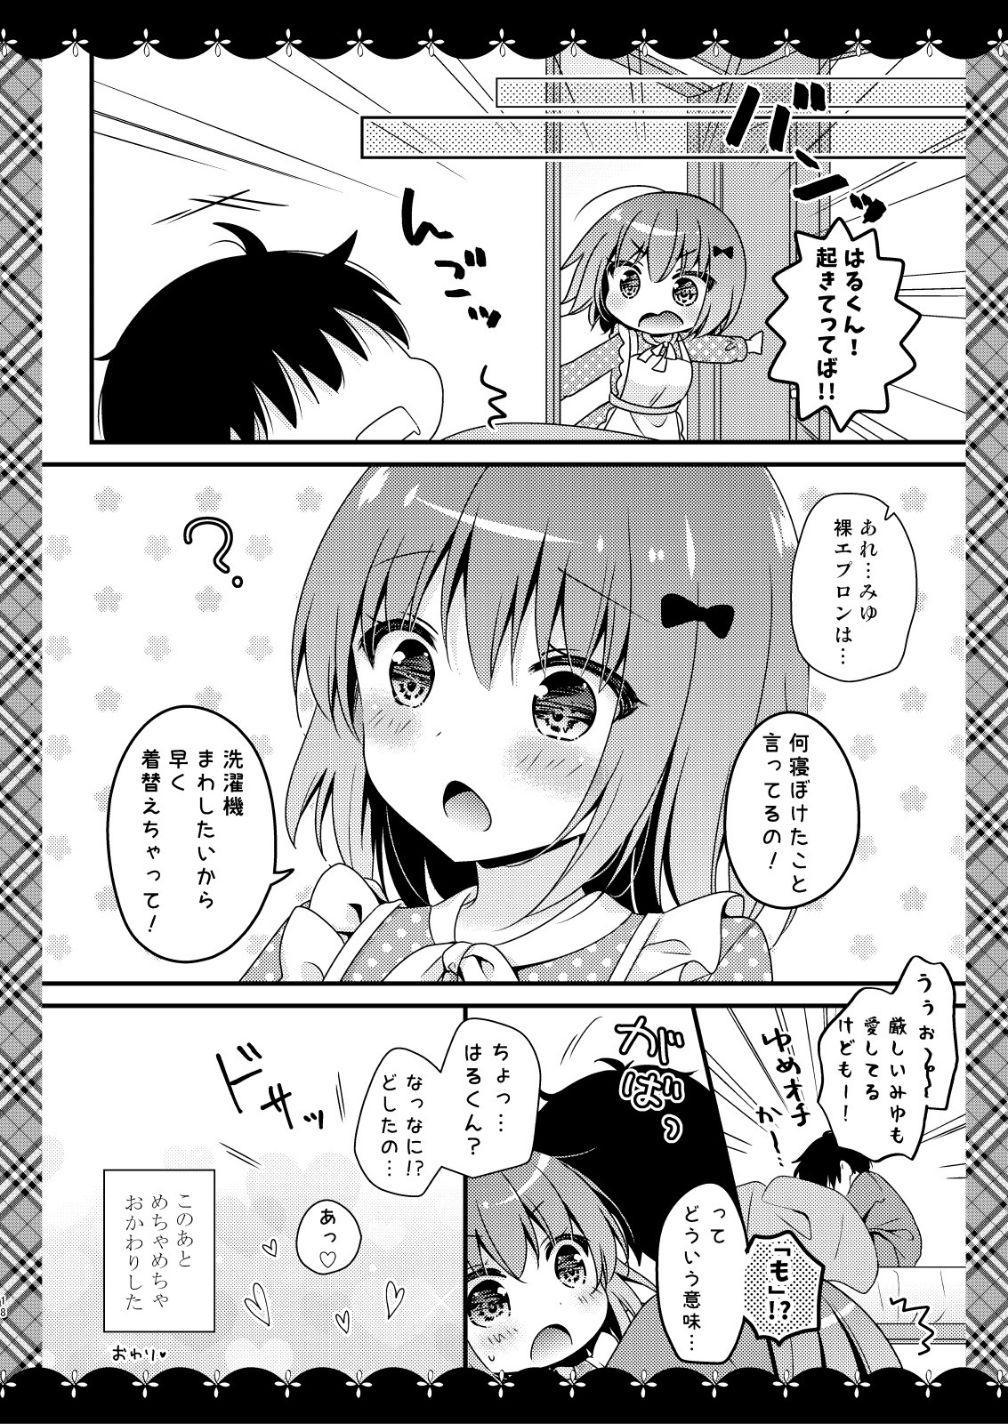 Sewayaki Kanojo to Yume Asobi 16